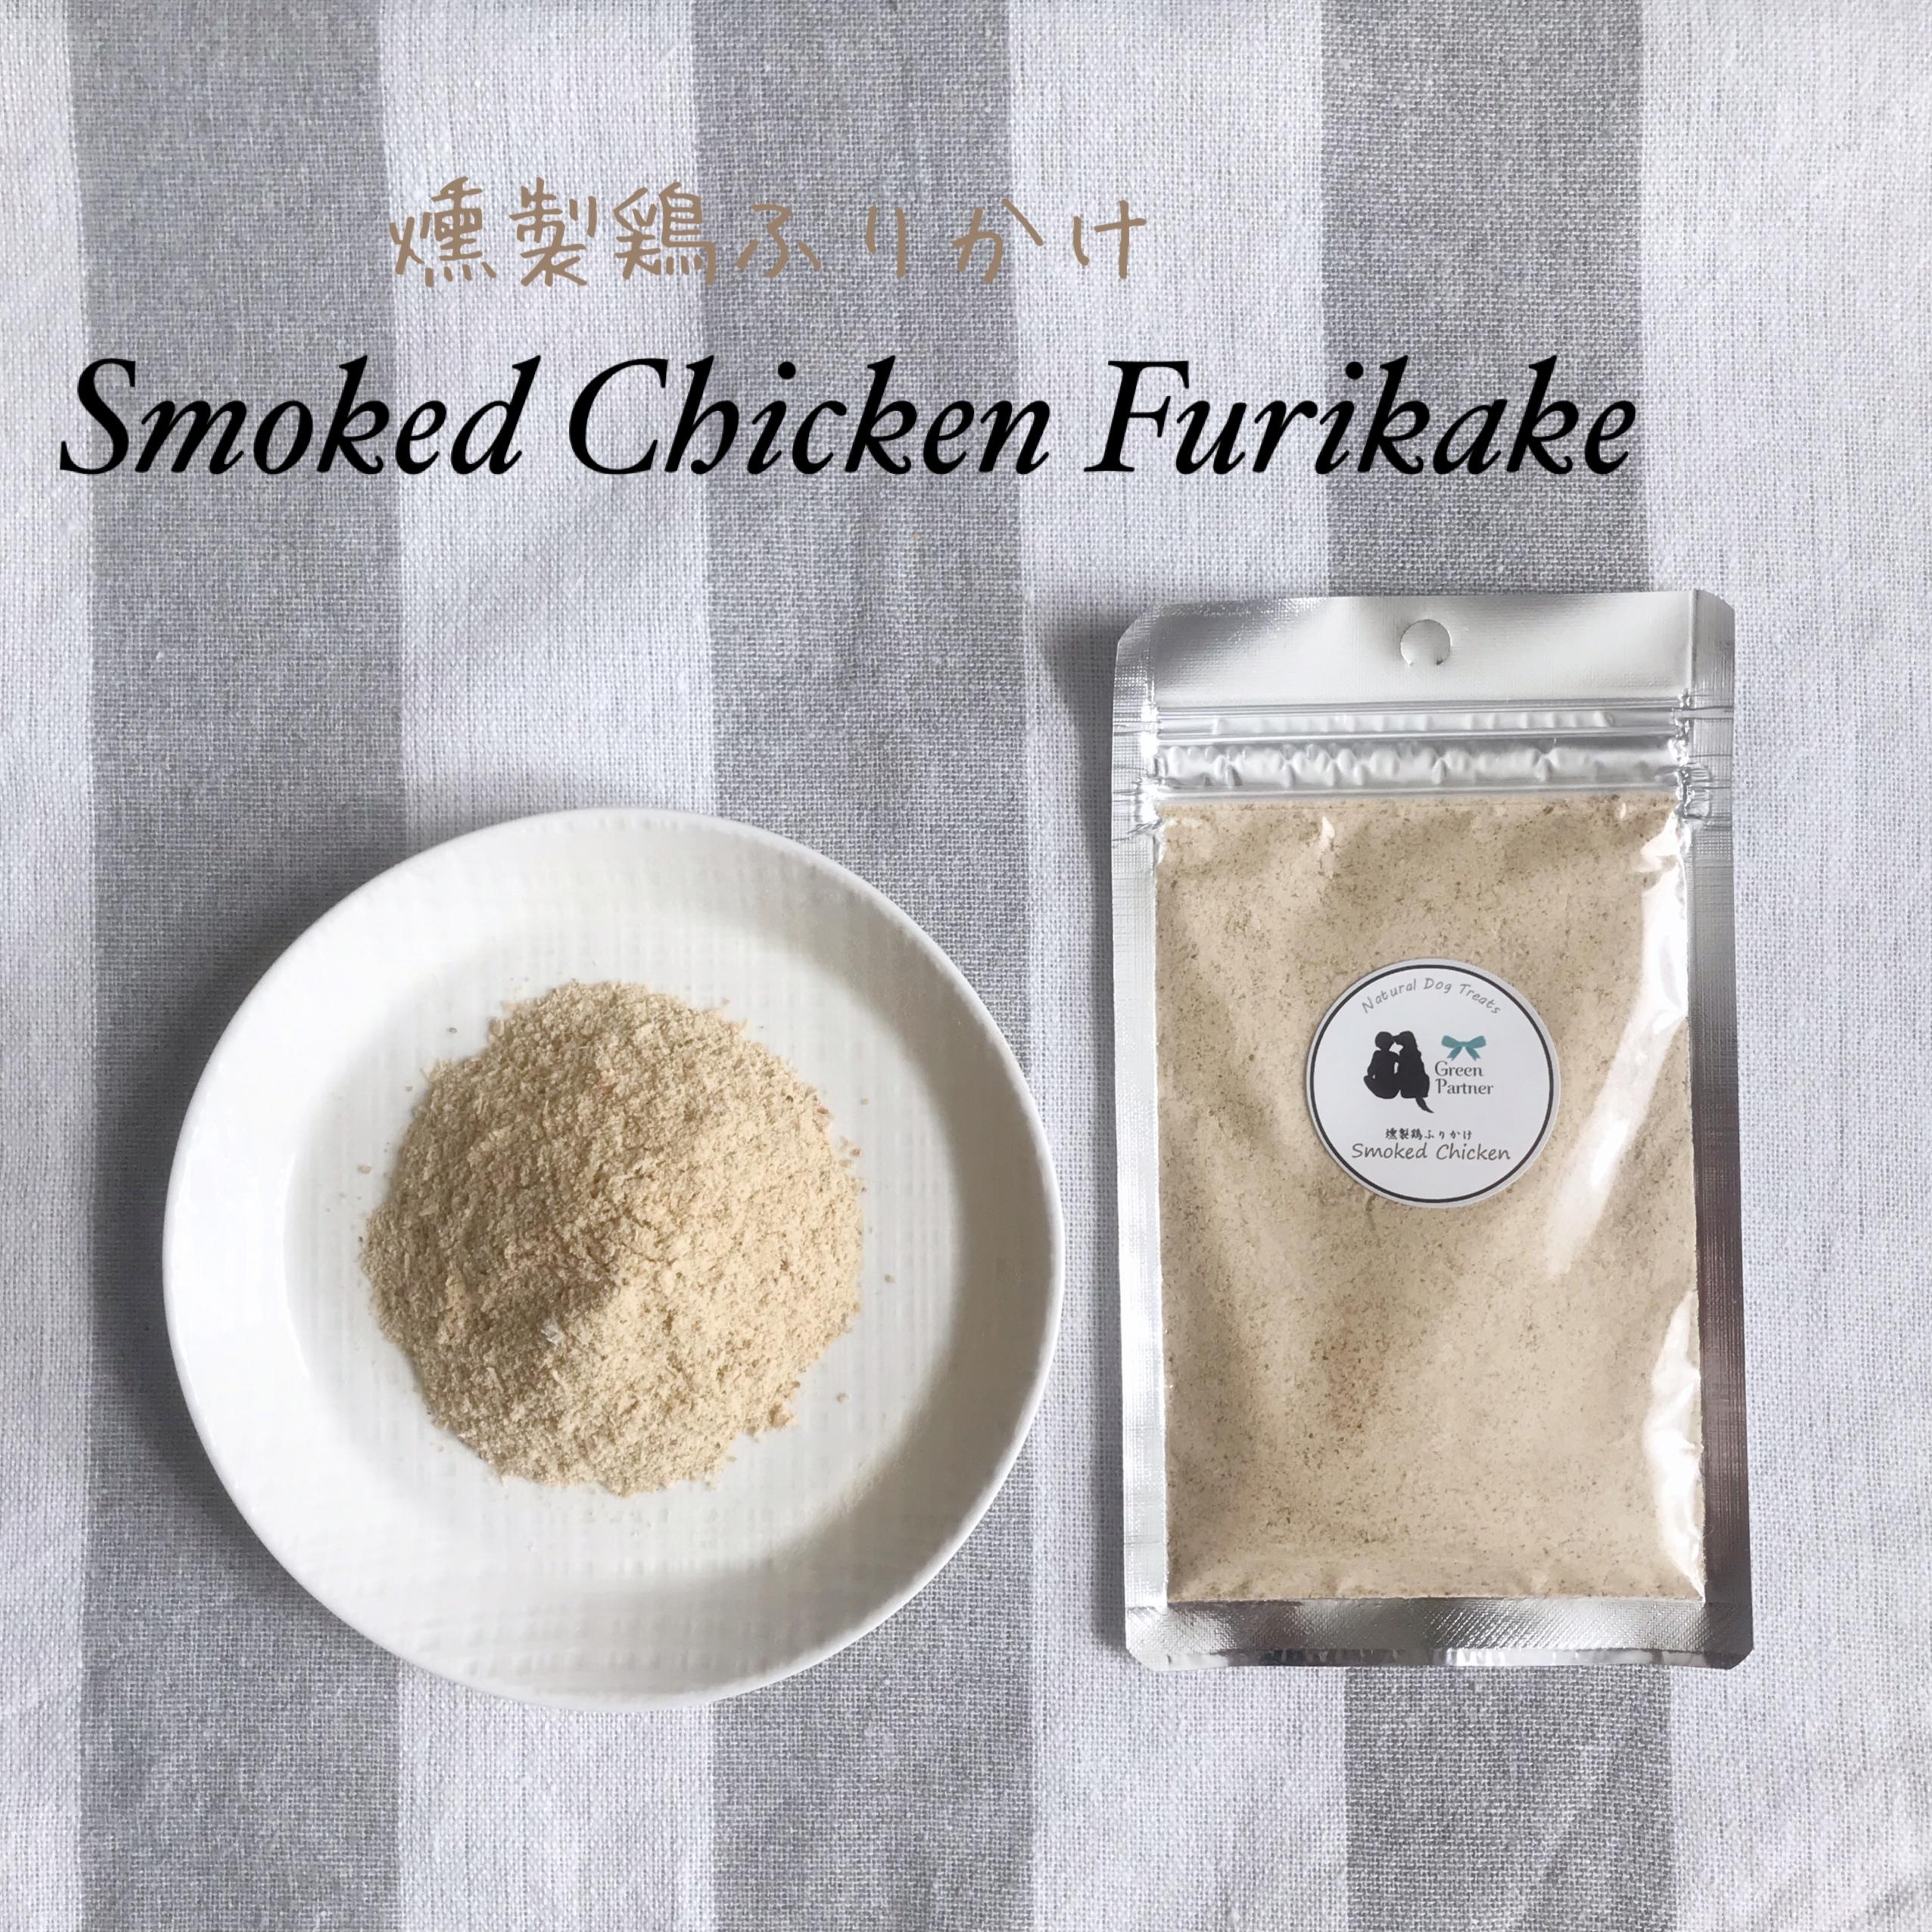 燻製鶏ふりかけ